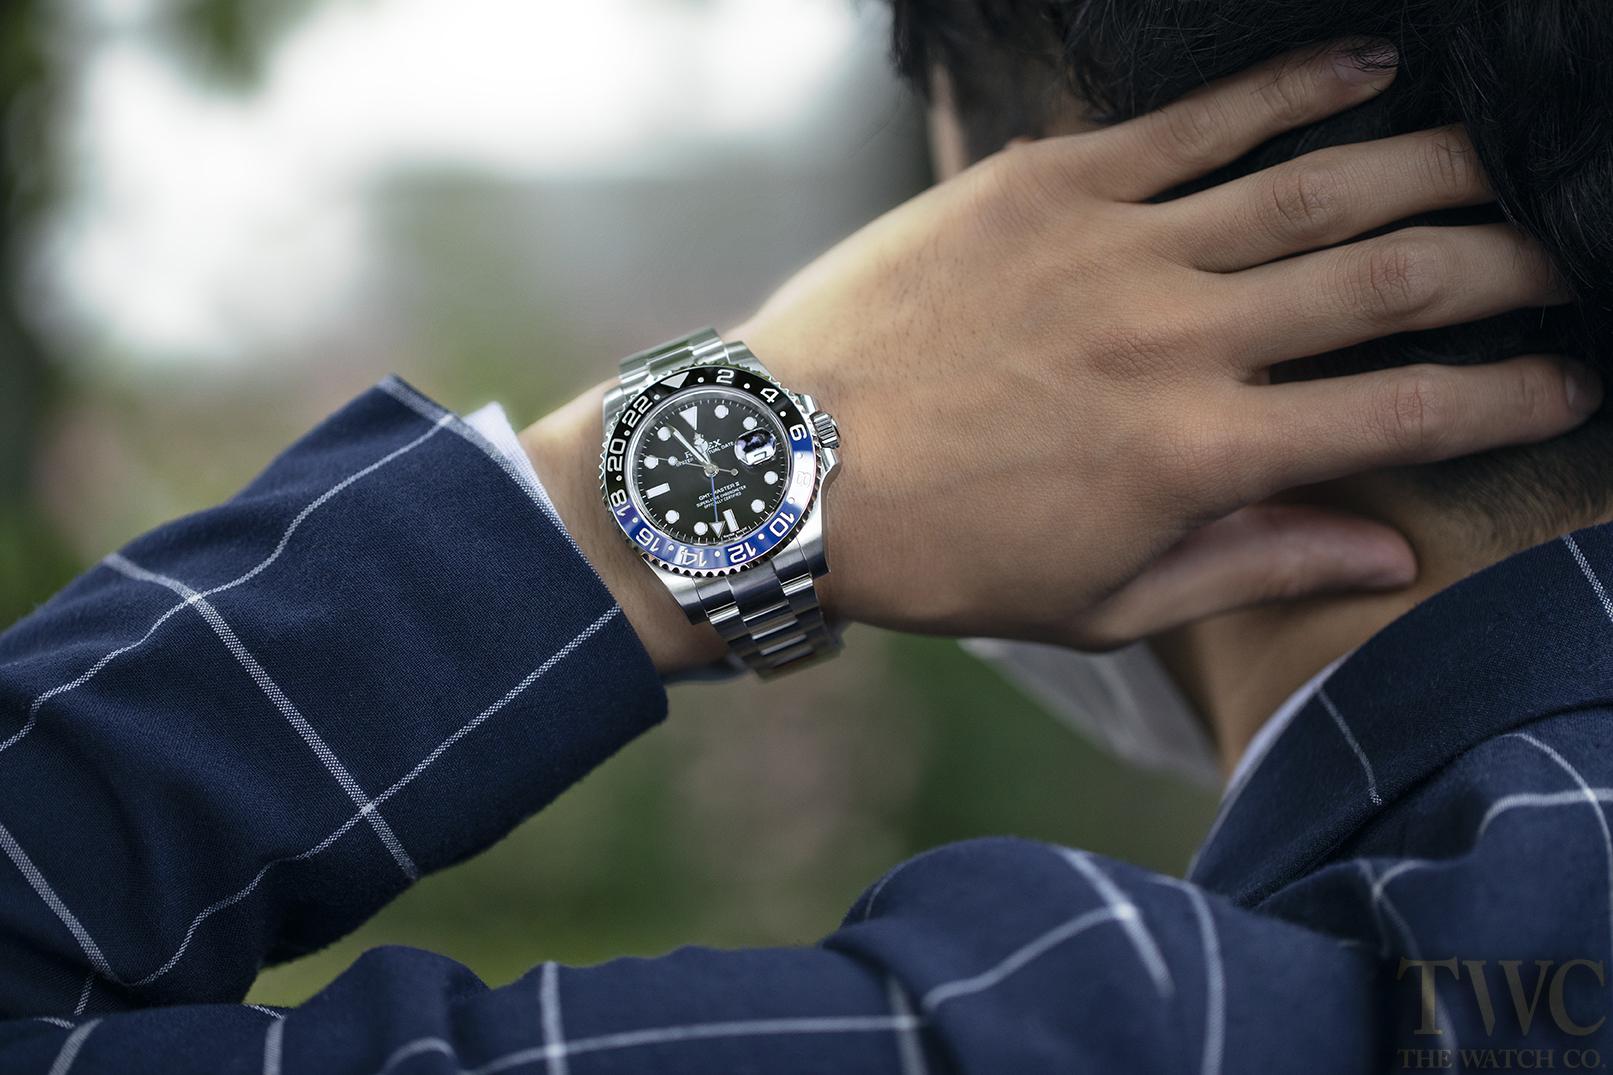 【メンズ】女子ウケ抜群の押さえておきたい高級腕時計ブランド5選【PR】